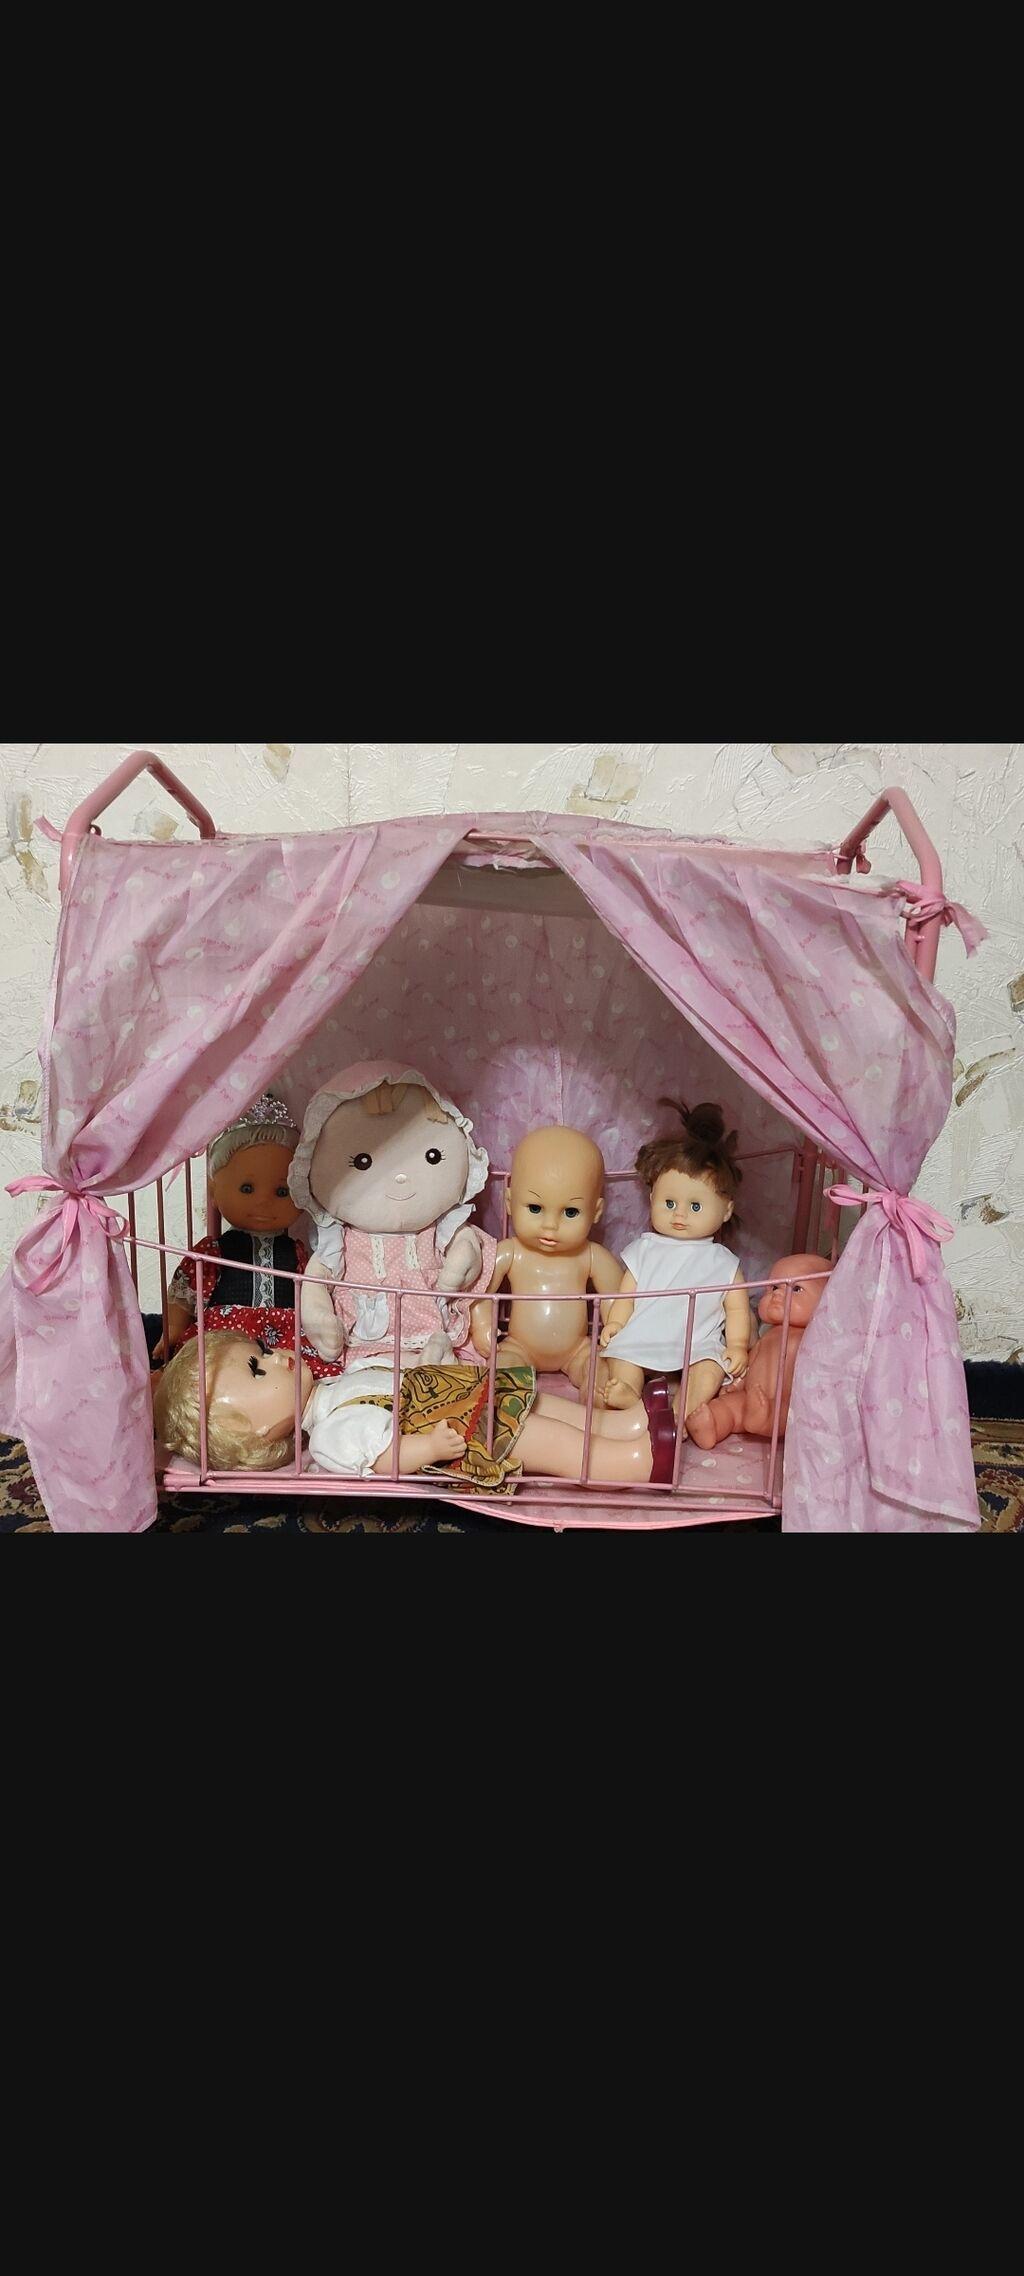 Продам кровать для кукол б/у в хорошем состоянии, каркас   Объявление создано 15 Сентябрь 2021 12:13:34: Продам кровать для кукол б/у в хорошем состоянии, каркас